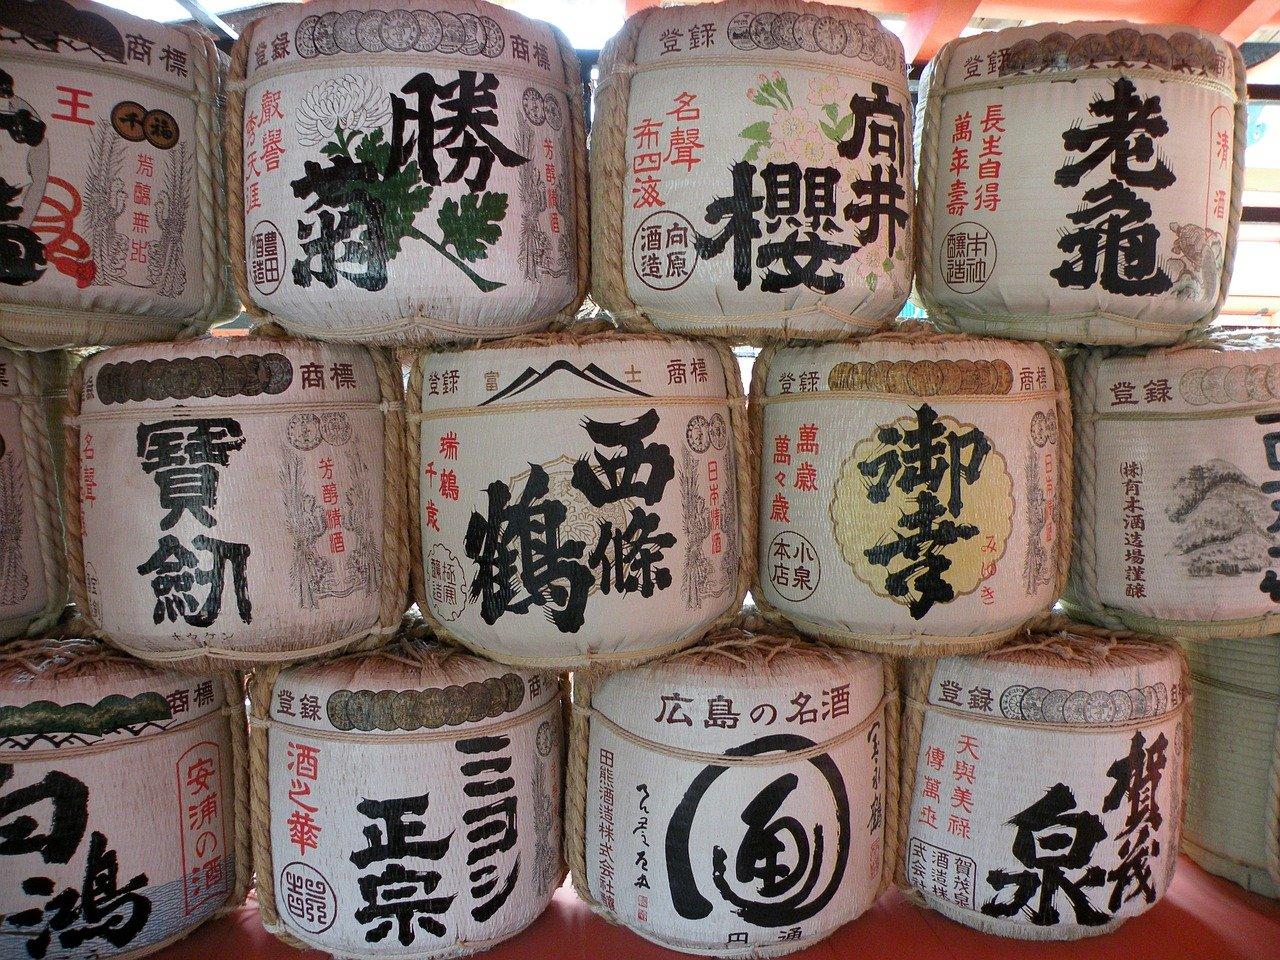 男の和服,モッズ,メンズ着物,和装,裏着物,和,文化,狐面,歴史,日本,純米酒,日本酒